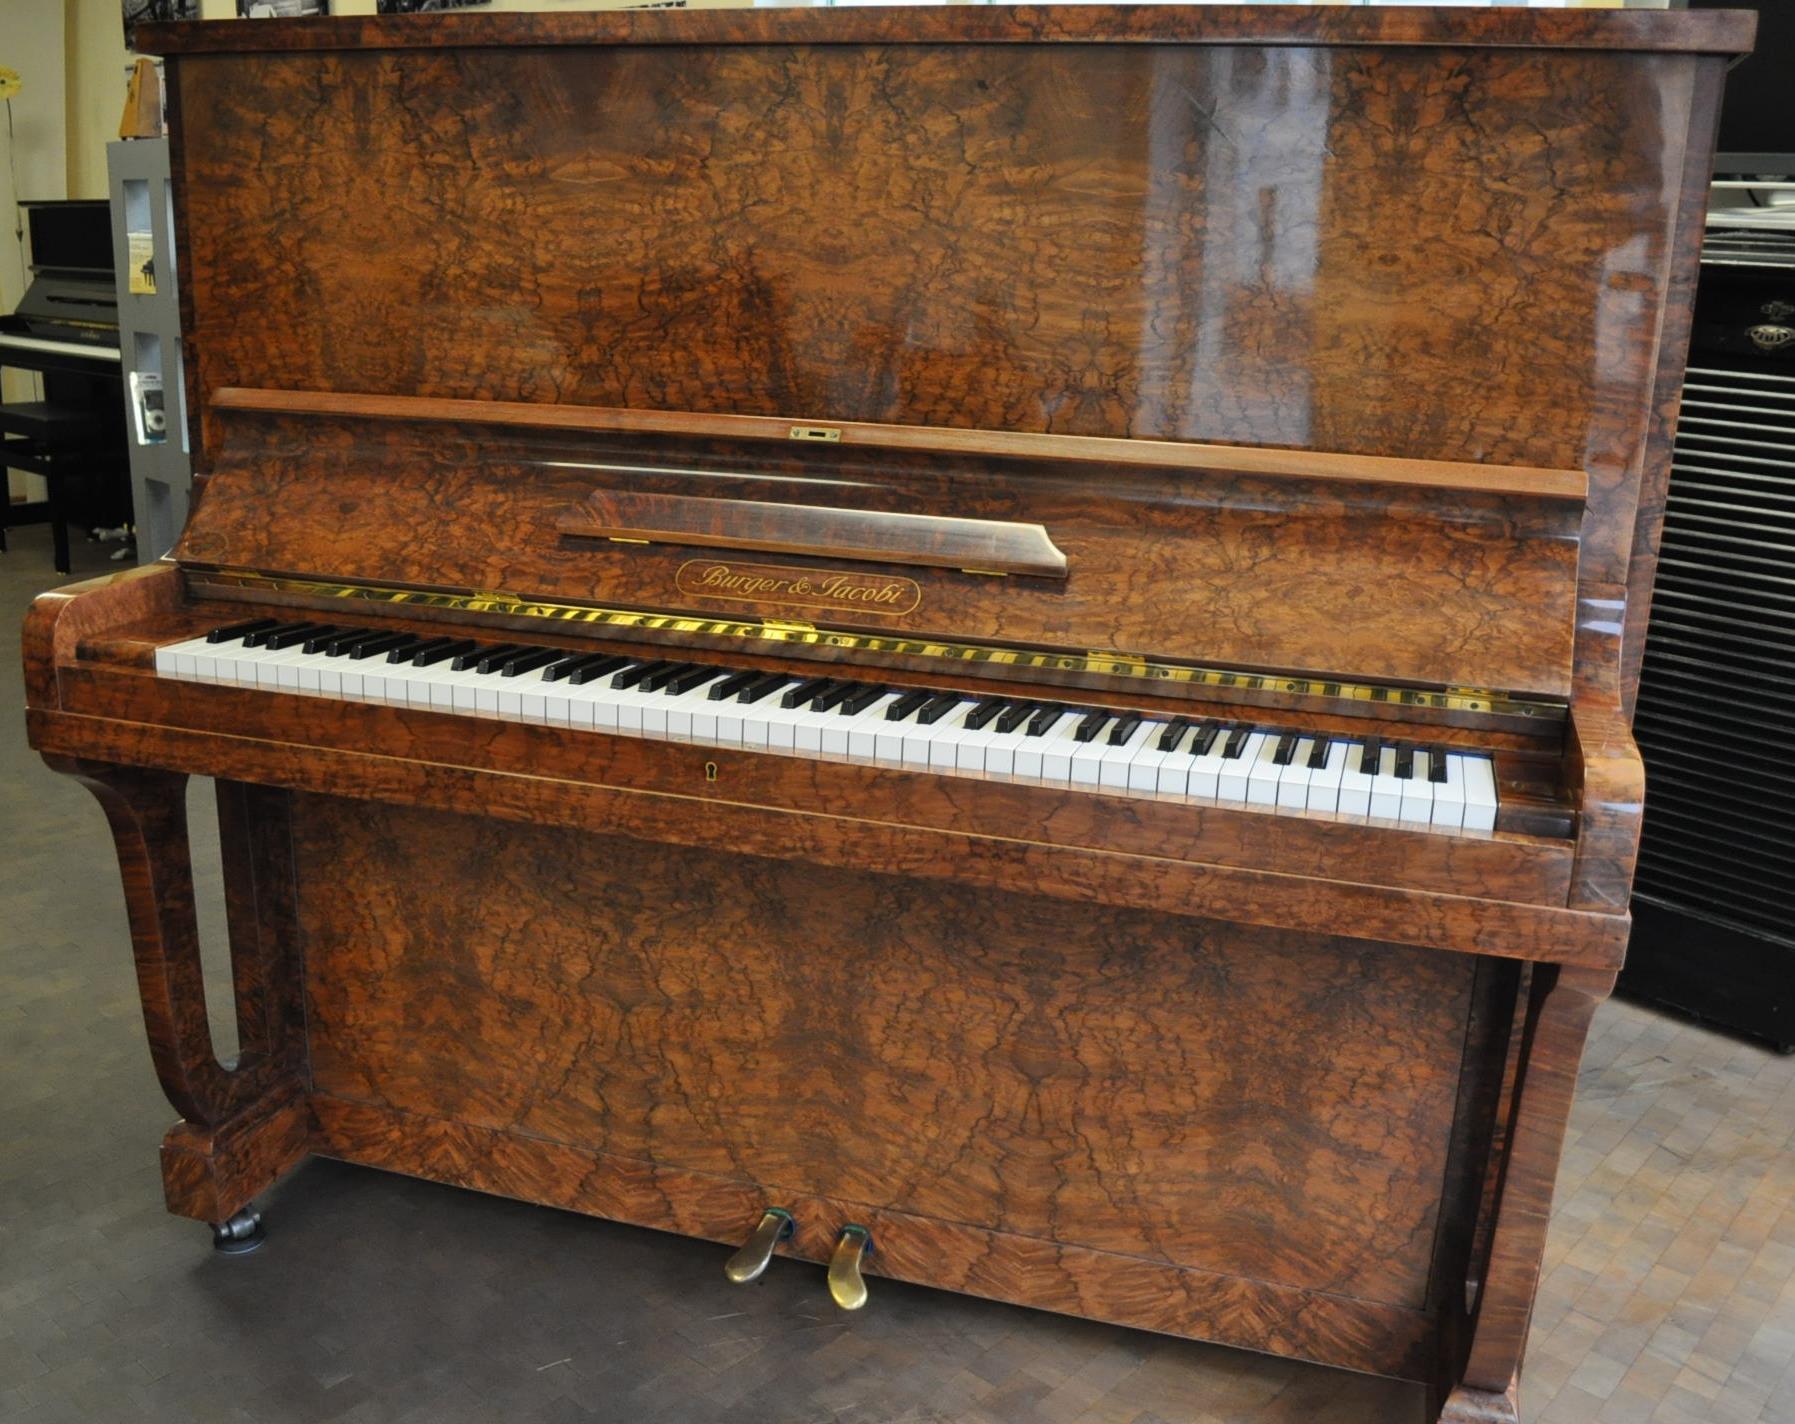 BURGER&#038;JACOBI-Klavier<br/>Gebraucht<br/>Nussbaum Wurzelholz<br/>€ 13 500,-